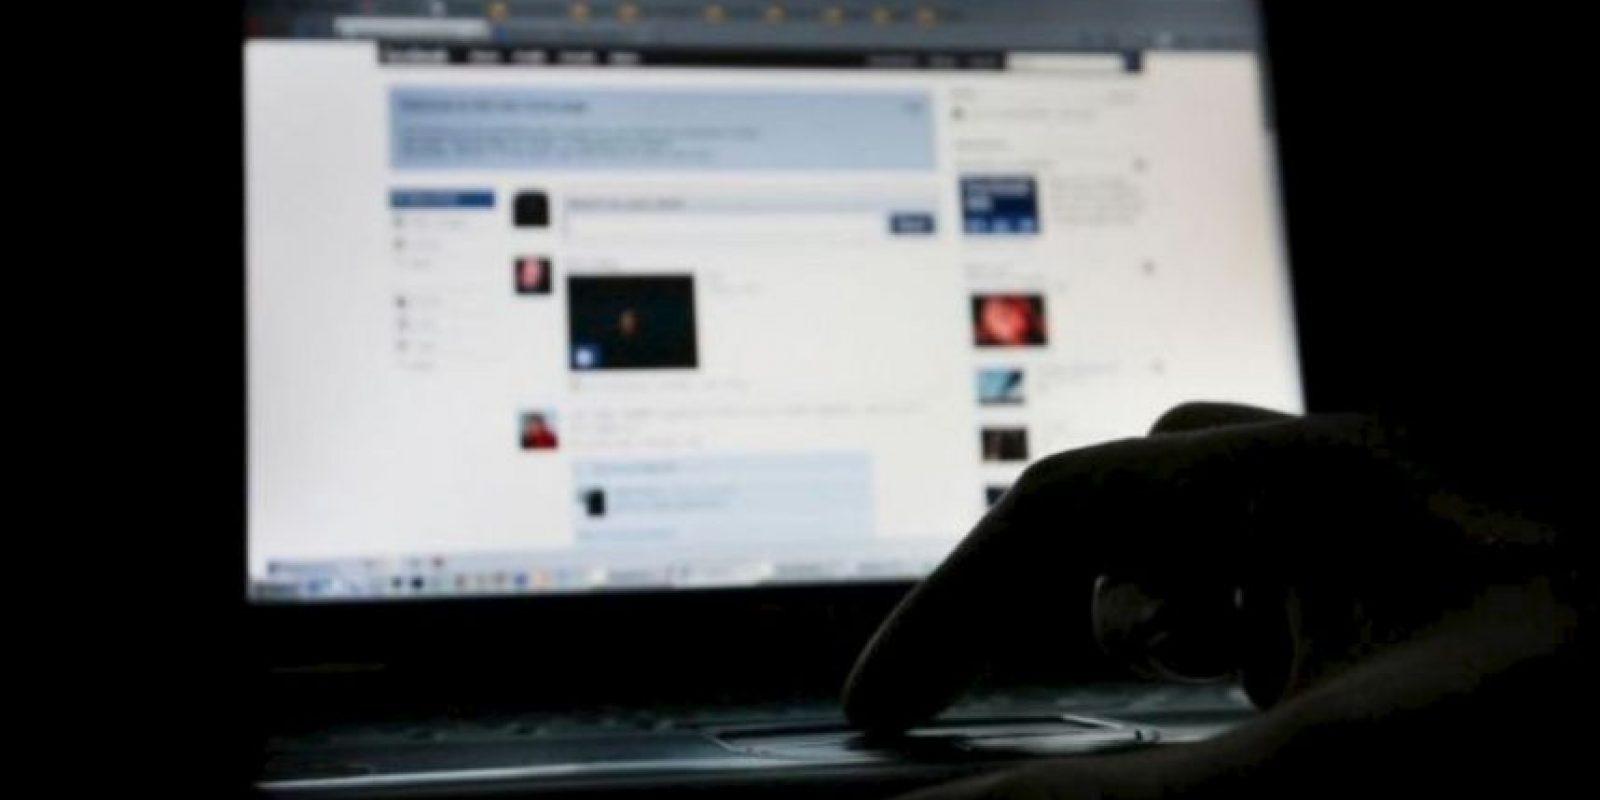 La maestra, quien no fue identificada, asegura que su imagen fue robada de su página de Facebook. Foto:Getty Images